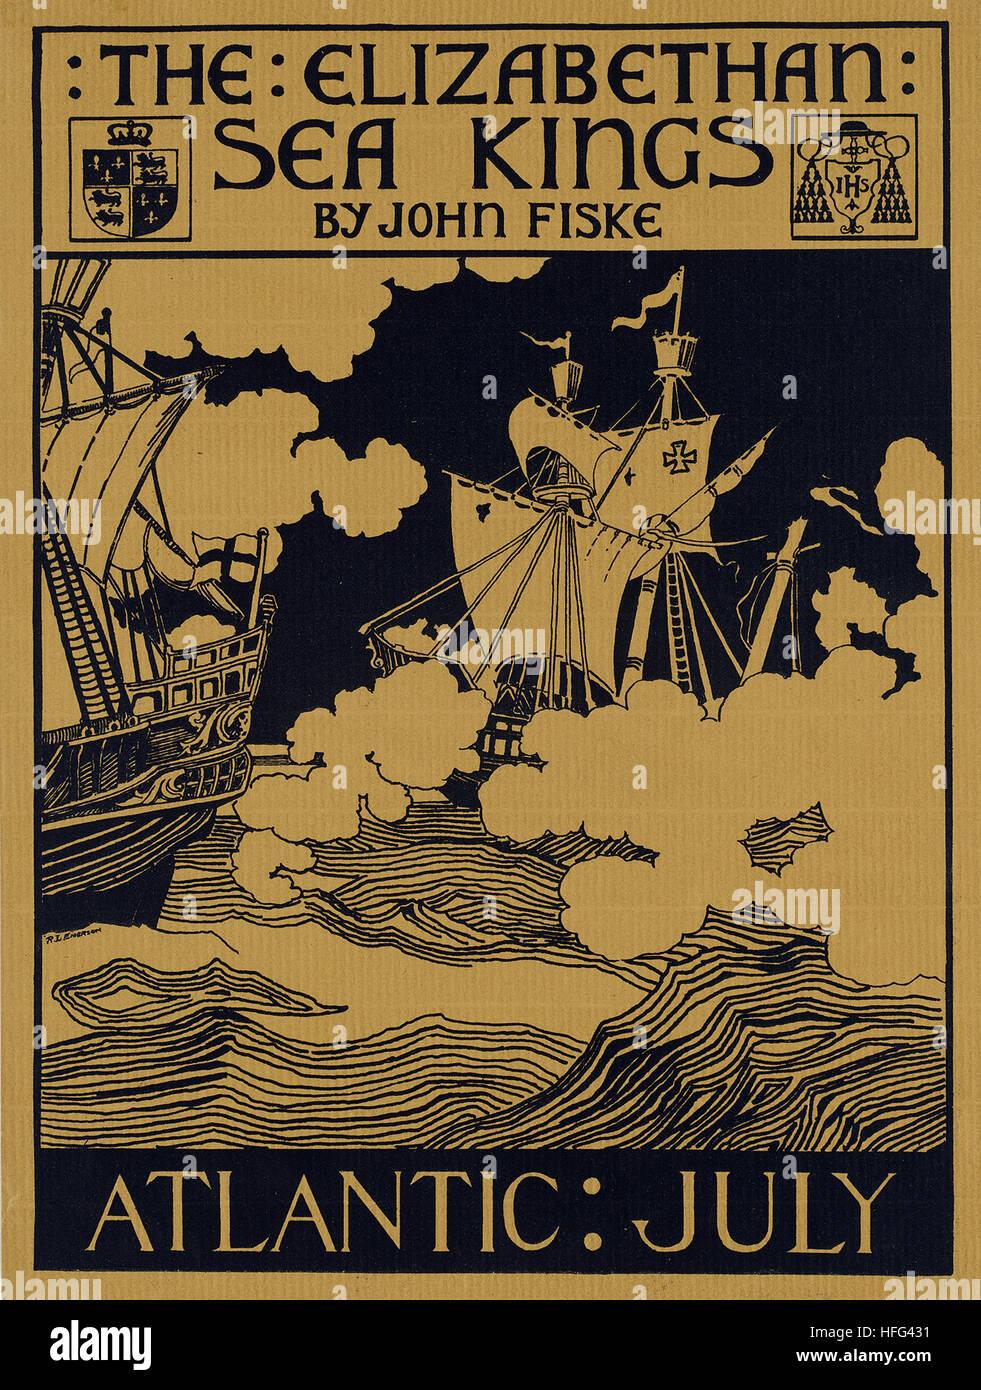 Atlantic  July. The Elizabethan sea kings by John Fiske - Stock Image